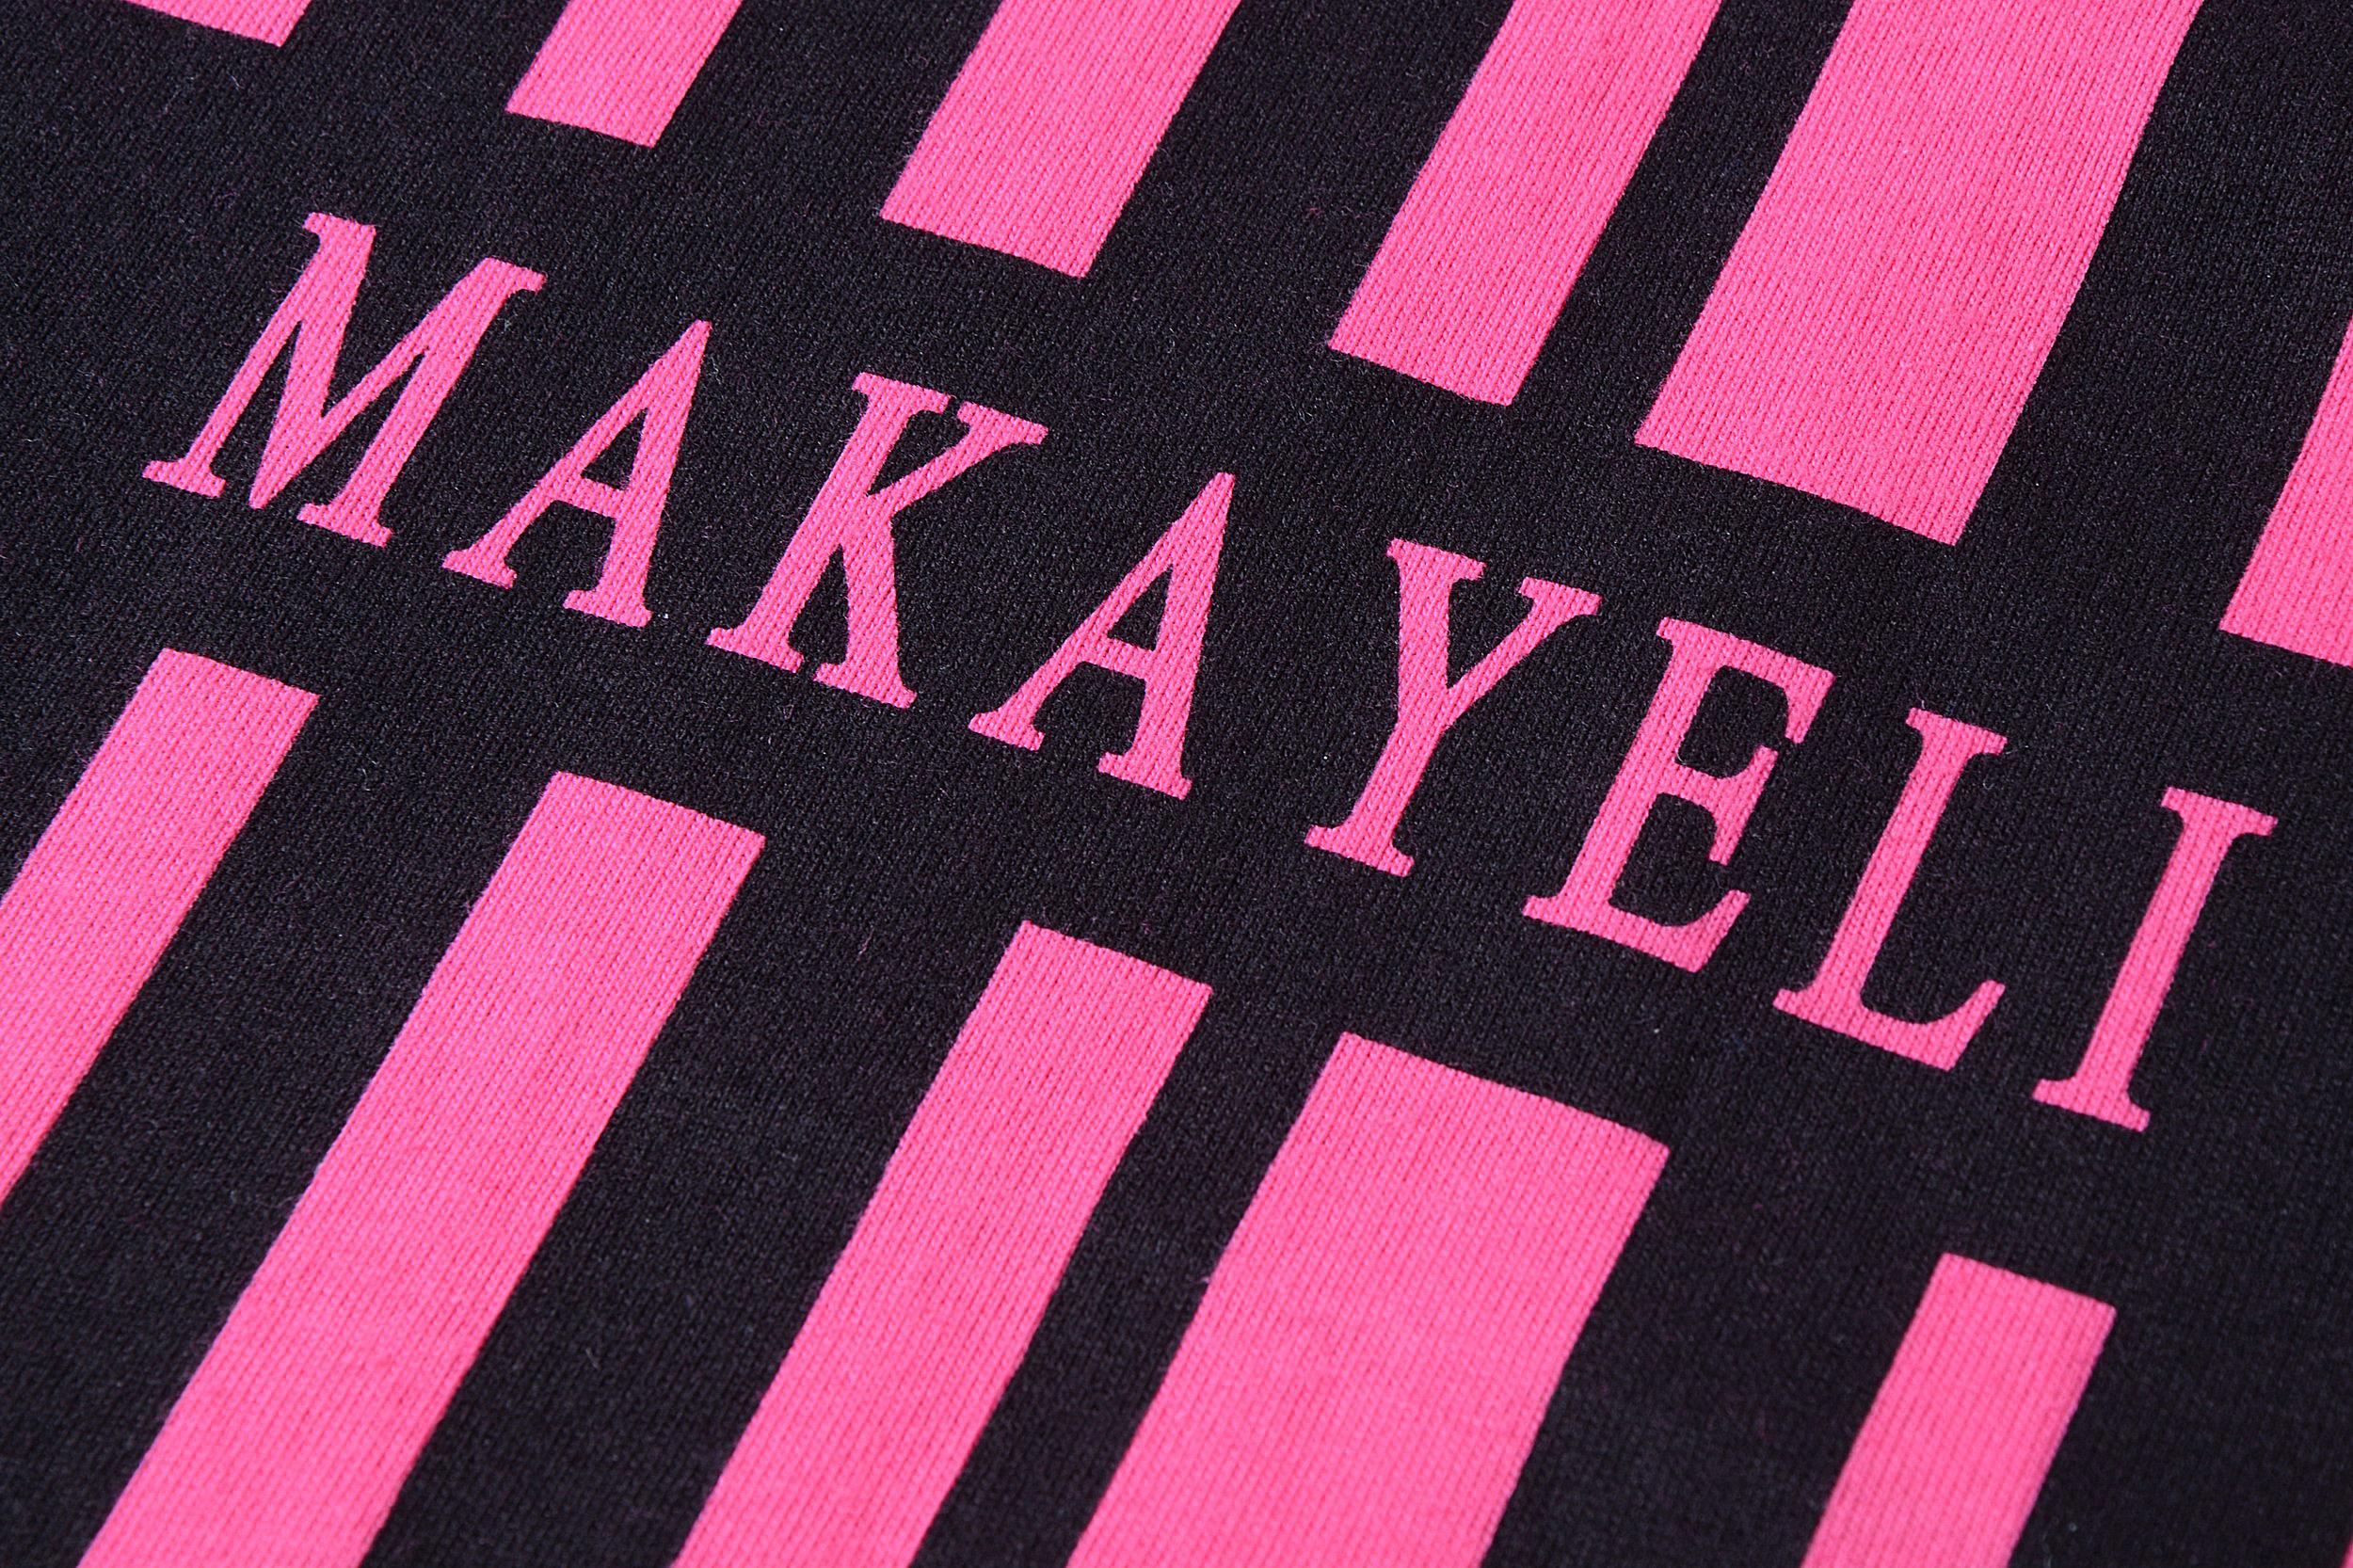 純棉T恤.短袖T恤.情侶T恤.MIT台灣製.文字SHUDA MAKAYELI初夏的情侶注目穿搭【A35055】可單買.艾咪E舖